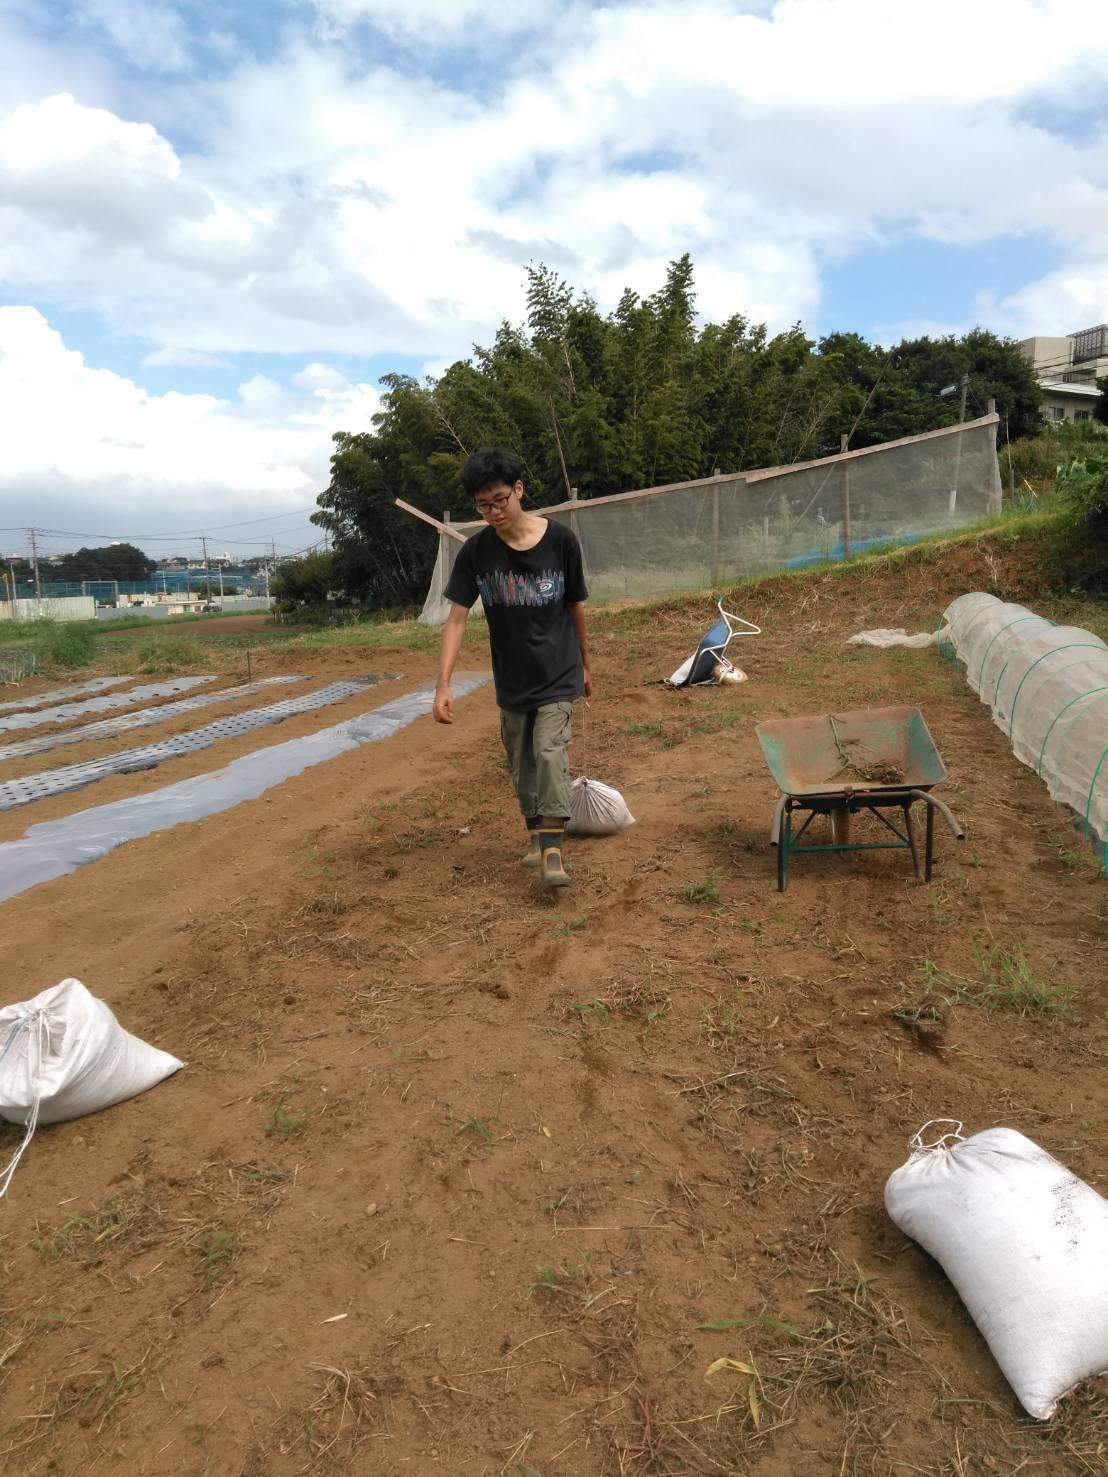 台風15号が来る前に 堆肥の運び入れ 長ねぎの土寄せ・・パラソルやテーブル椅子の養生_c0222448_12563822.jpg